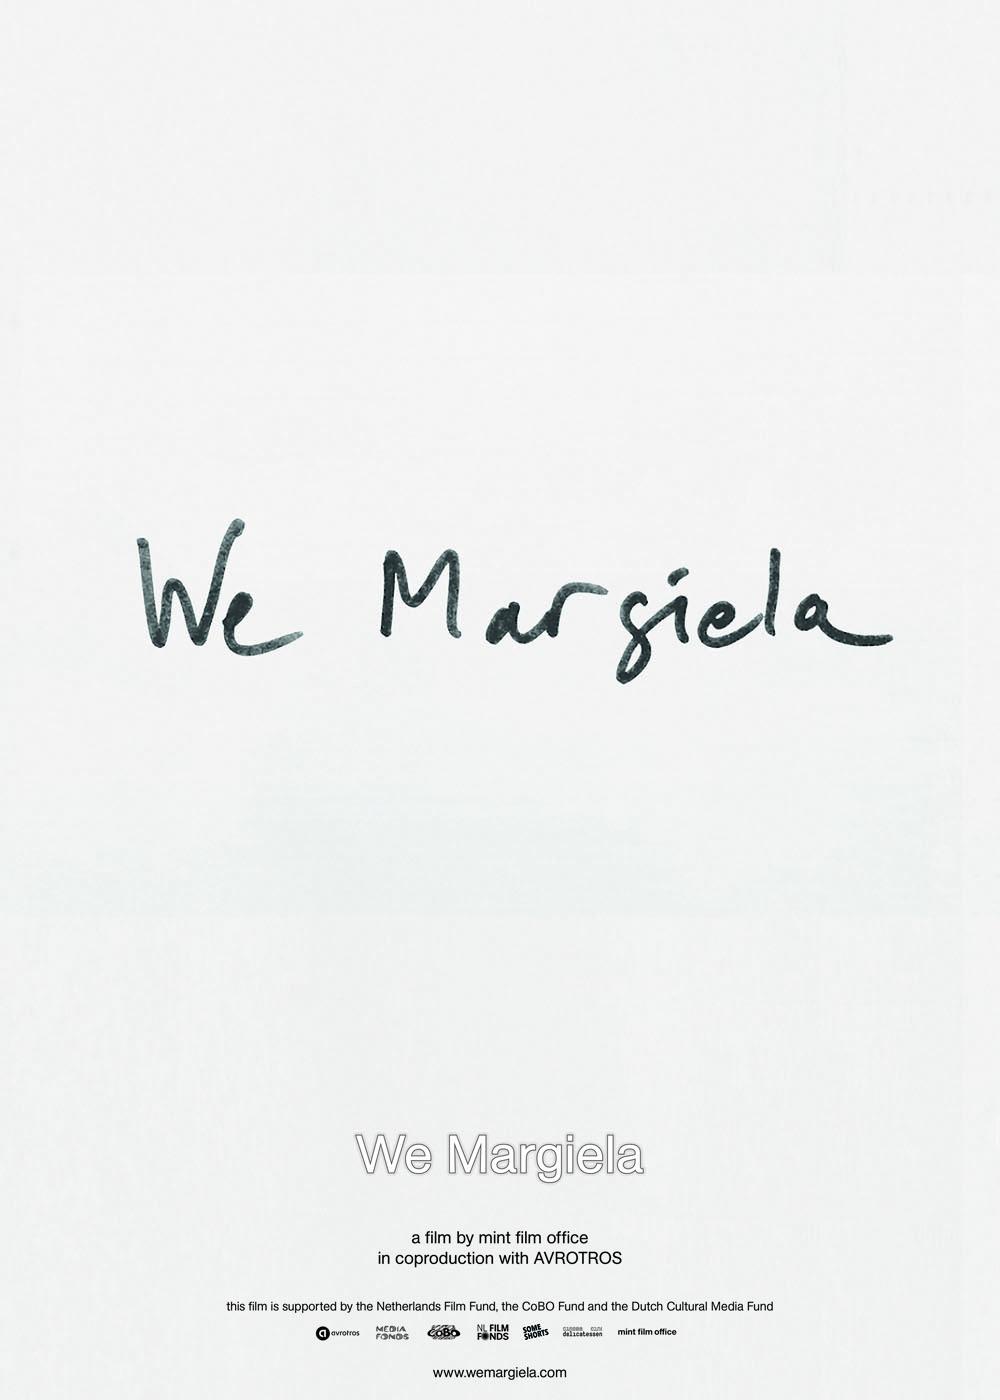 We Margiela